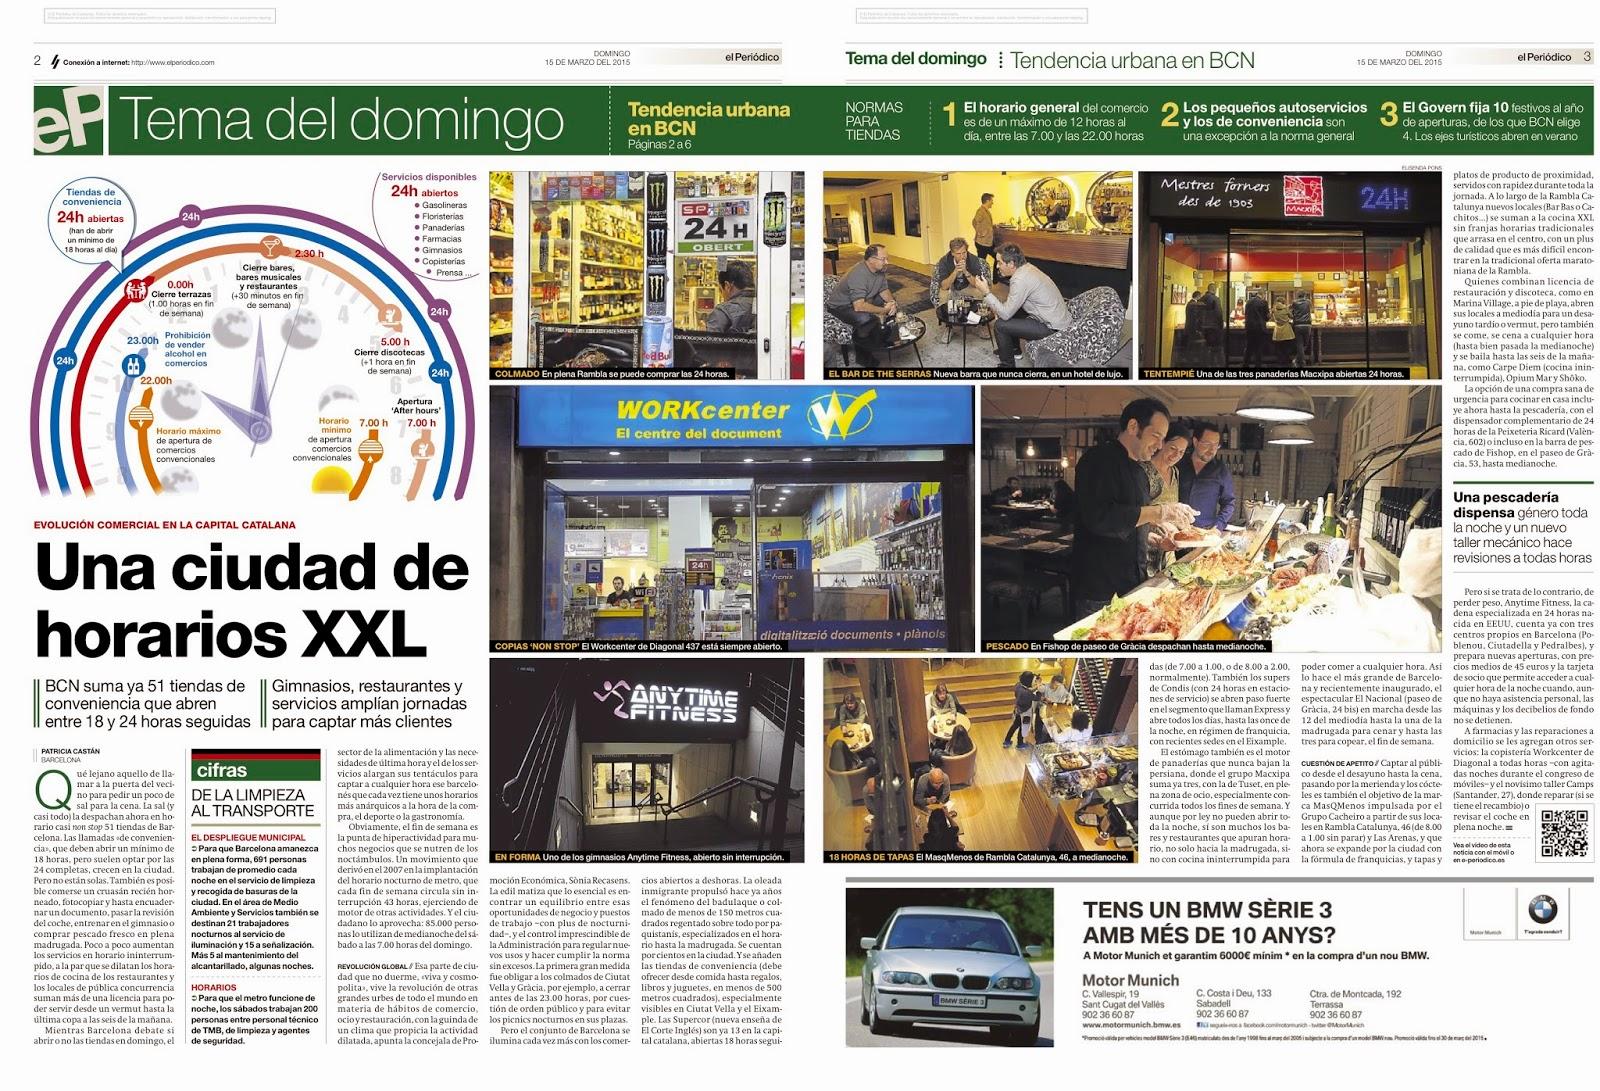 La Buena Prensa Horarios Xxl